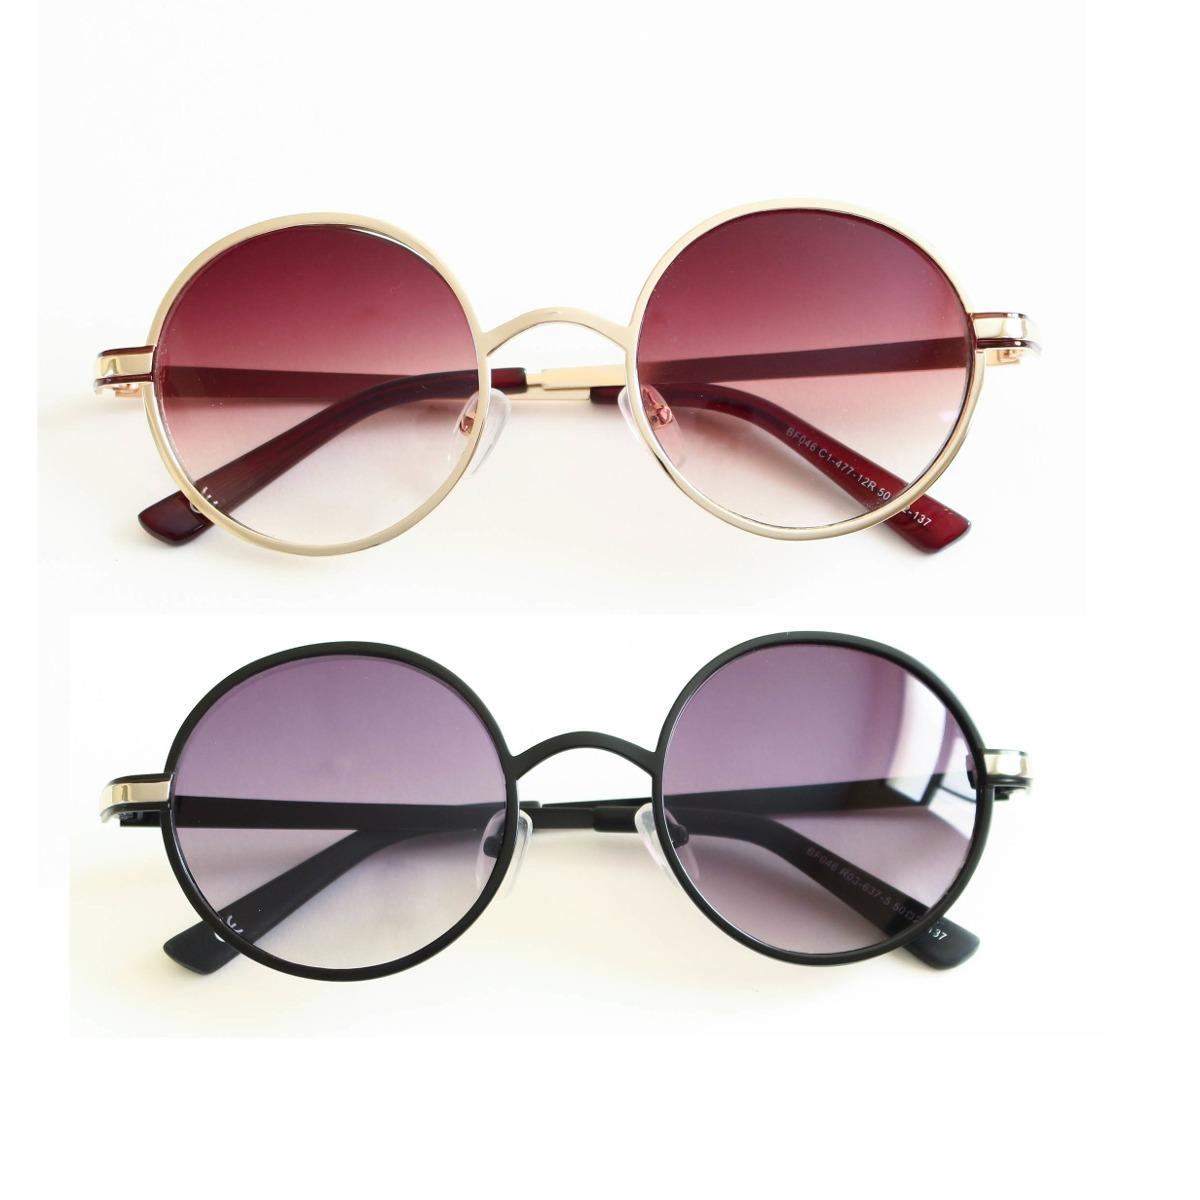 122a5e456 armação óculos de sol redondo vintage - frete grátis. Carregando zoom.